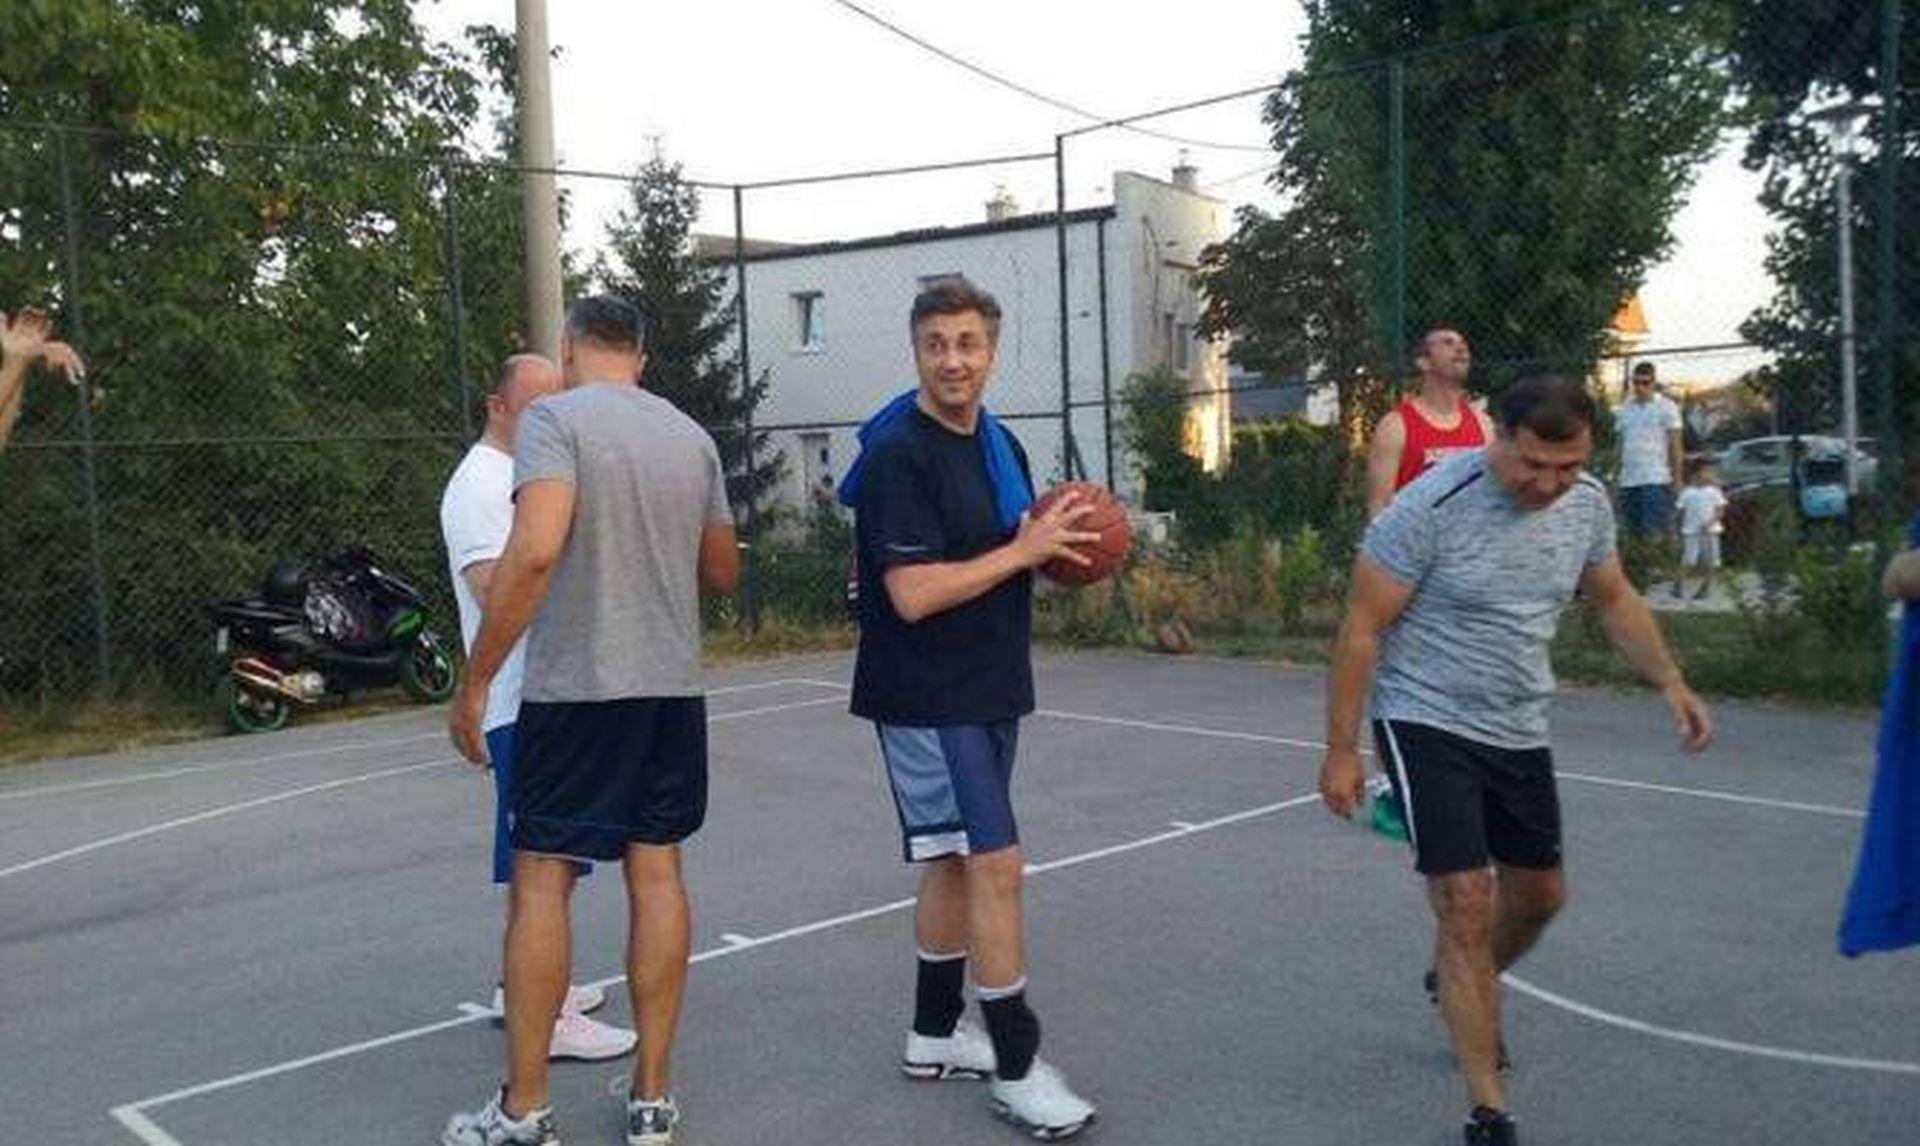 NA NACIONALOVO OTKRIĆE REAGIRAO PREMIJER Plenković: Gospodin Todorić je došao do Vlade, a ne Vlada do njega…